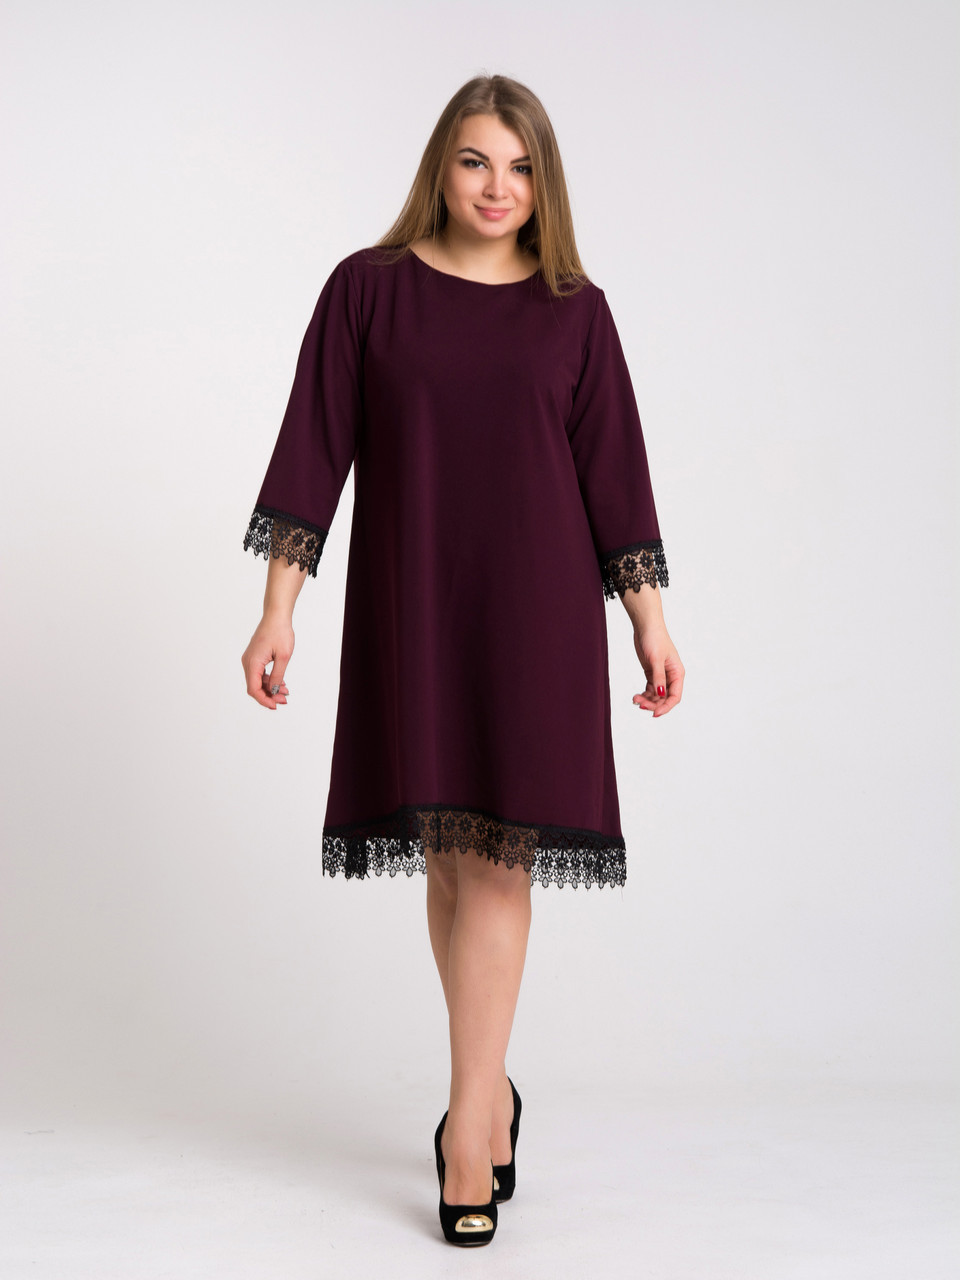 Платье K&ML 433 бордовый 50, фото 1